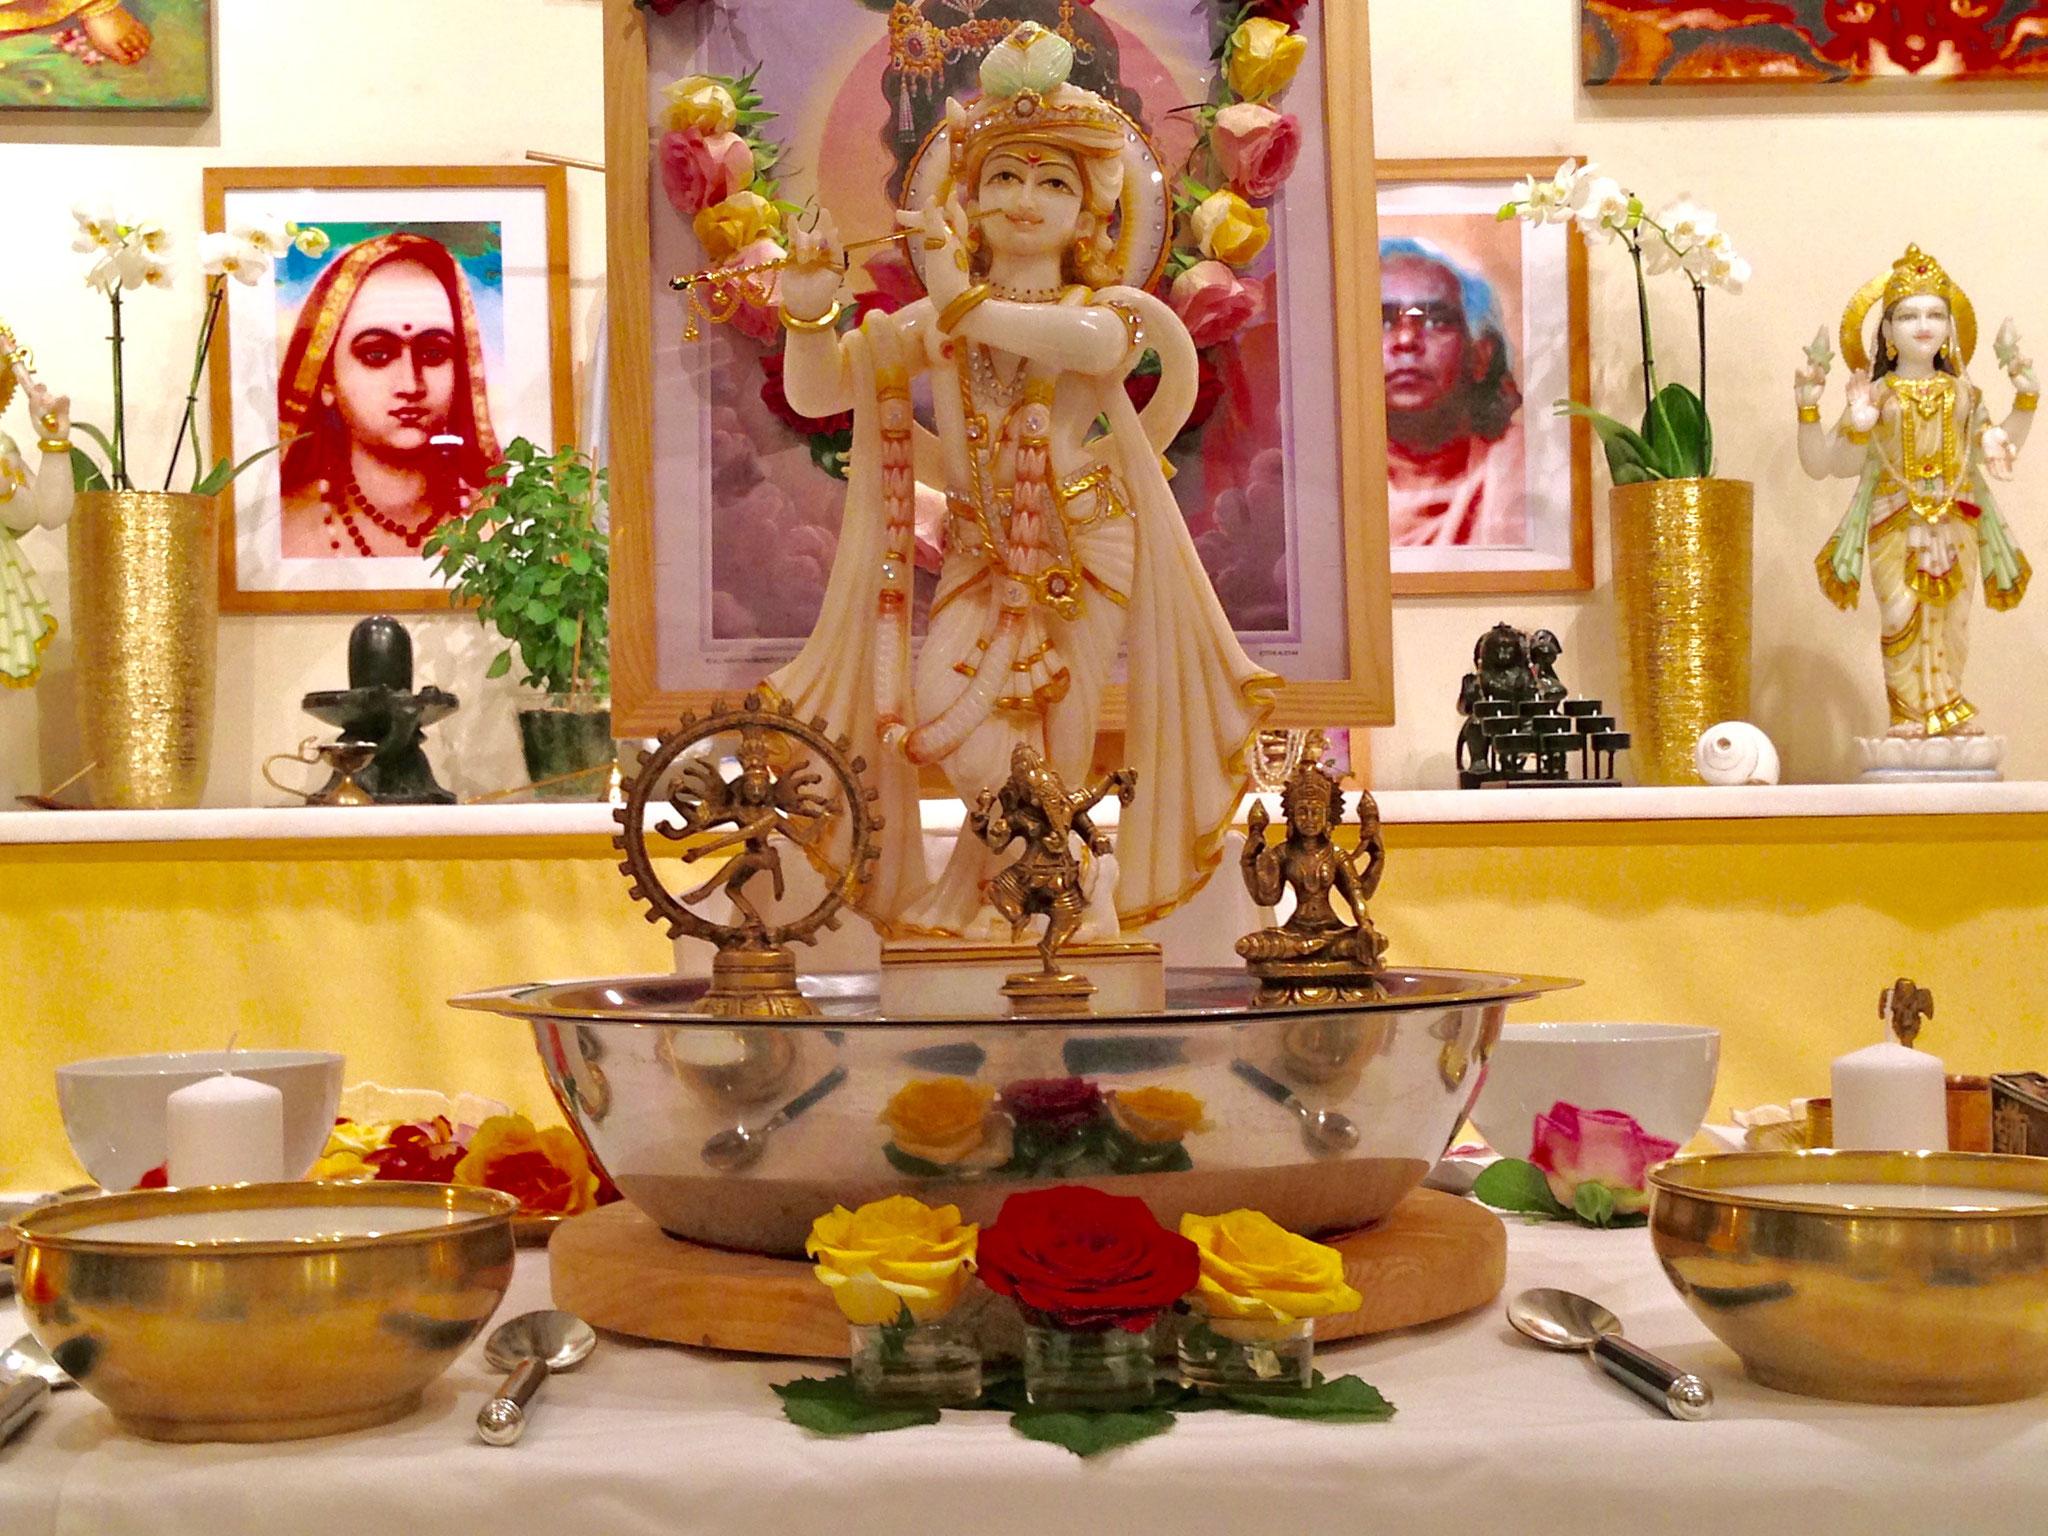 Krishna Jayanati (Erscheinungstag von Krishna) bei Yoga Vidya Bad Meinberg